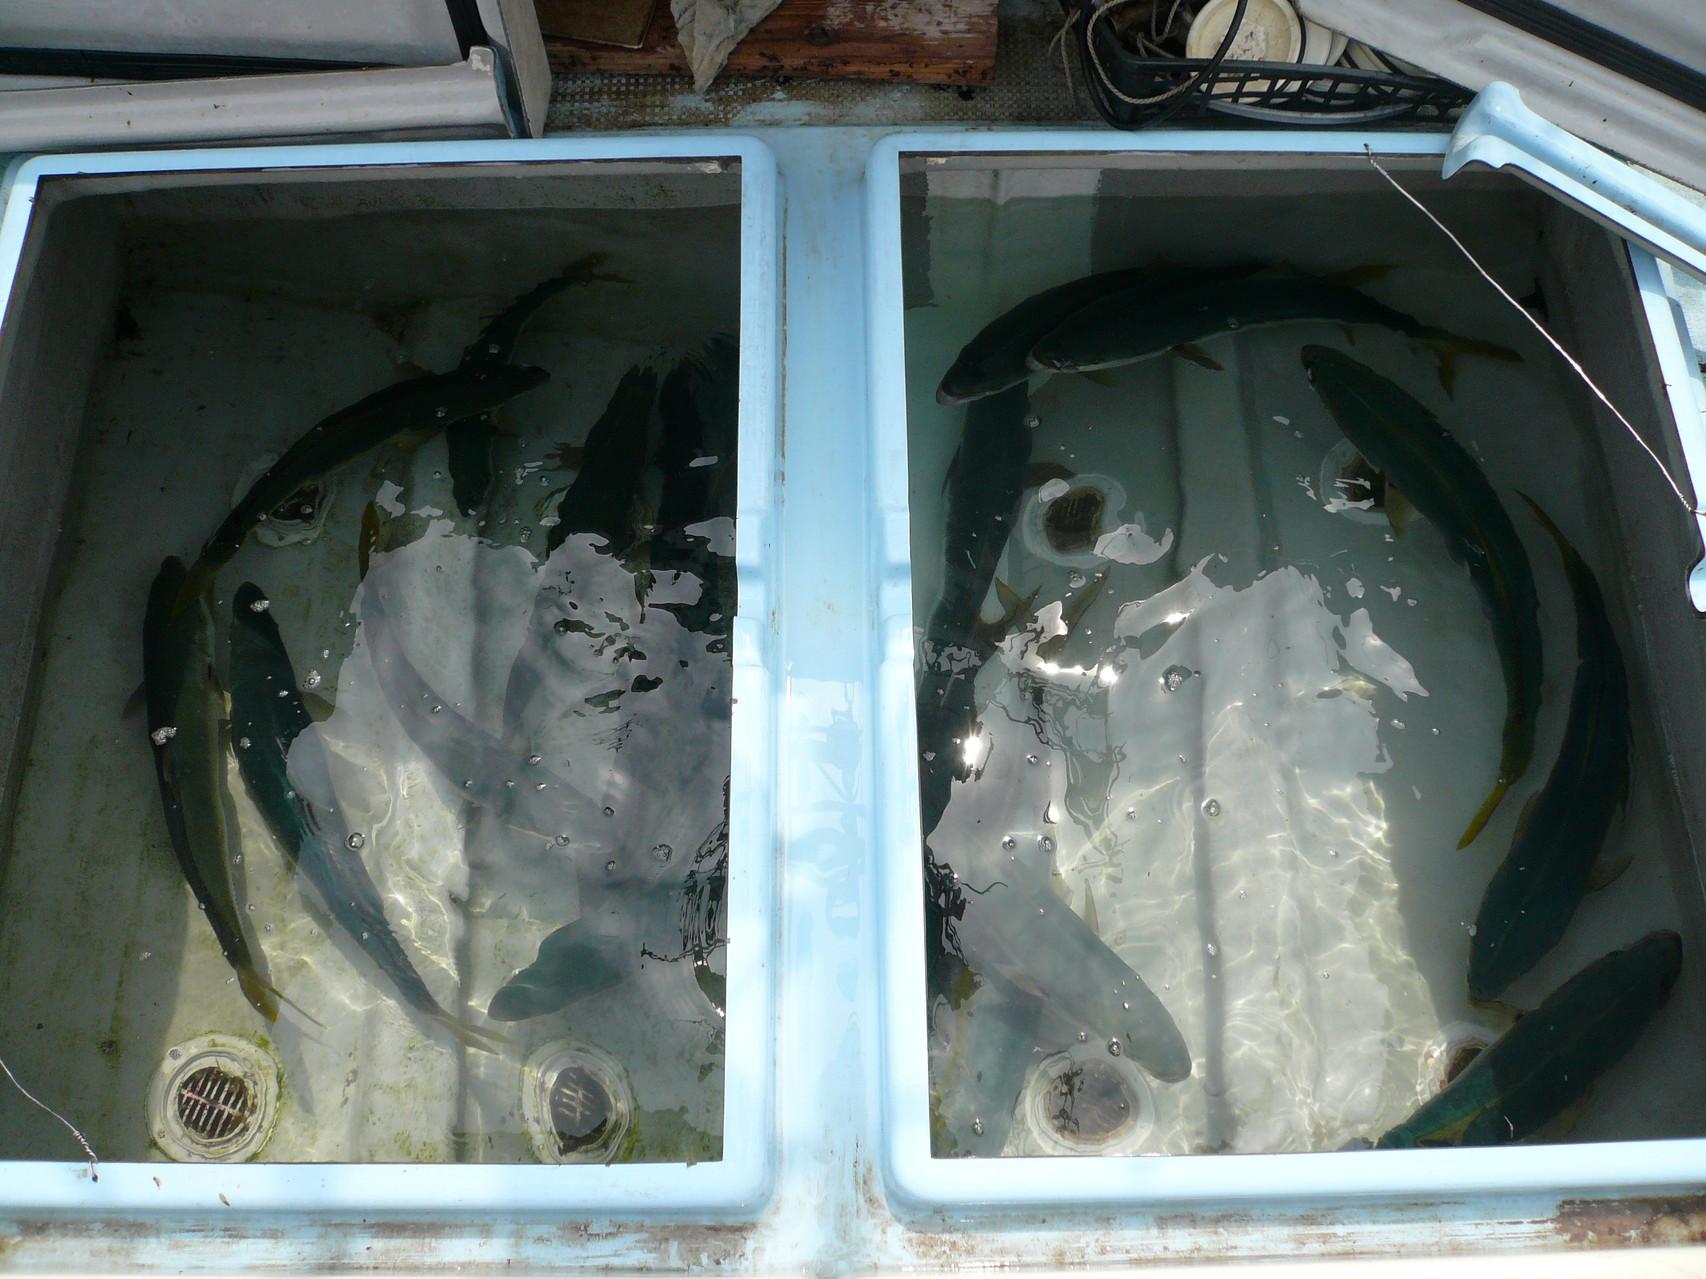 6月24日 (昨日釣れなかった)タイ釣り場(バケモン)のポイント 下げ潮12時30分過ぎまでの今日の釣果